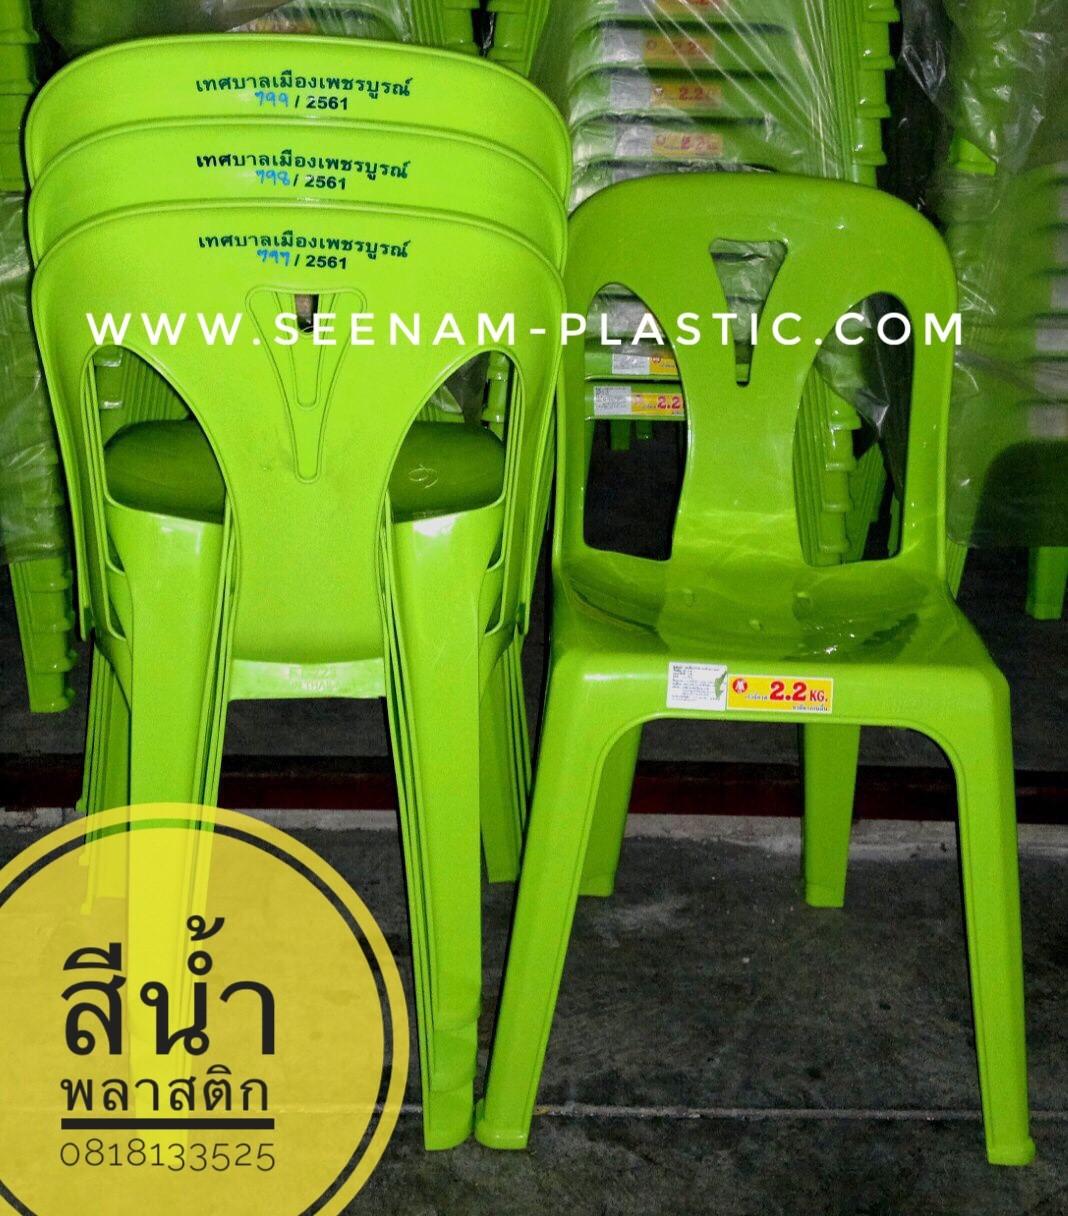 เก้าอี้พลาสติก เก้าอี้พลาสติกเกรดเอ plastic chair เก้าอี้ร้านอาหาร เก้าอี้ถวายวัด เก้าอี้SML เก้าอี้โต๊ะจีน เก้าอี้โต๊ะจีน ผ้าคลุมเก้าอี้ โต๊ะจีน โต๊ะพับเหล็ก โต๊ะพับขาเหลฺ็ก